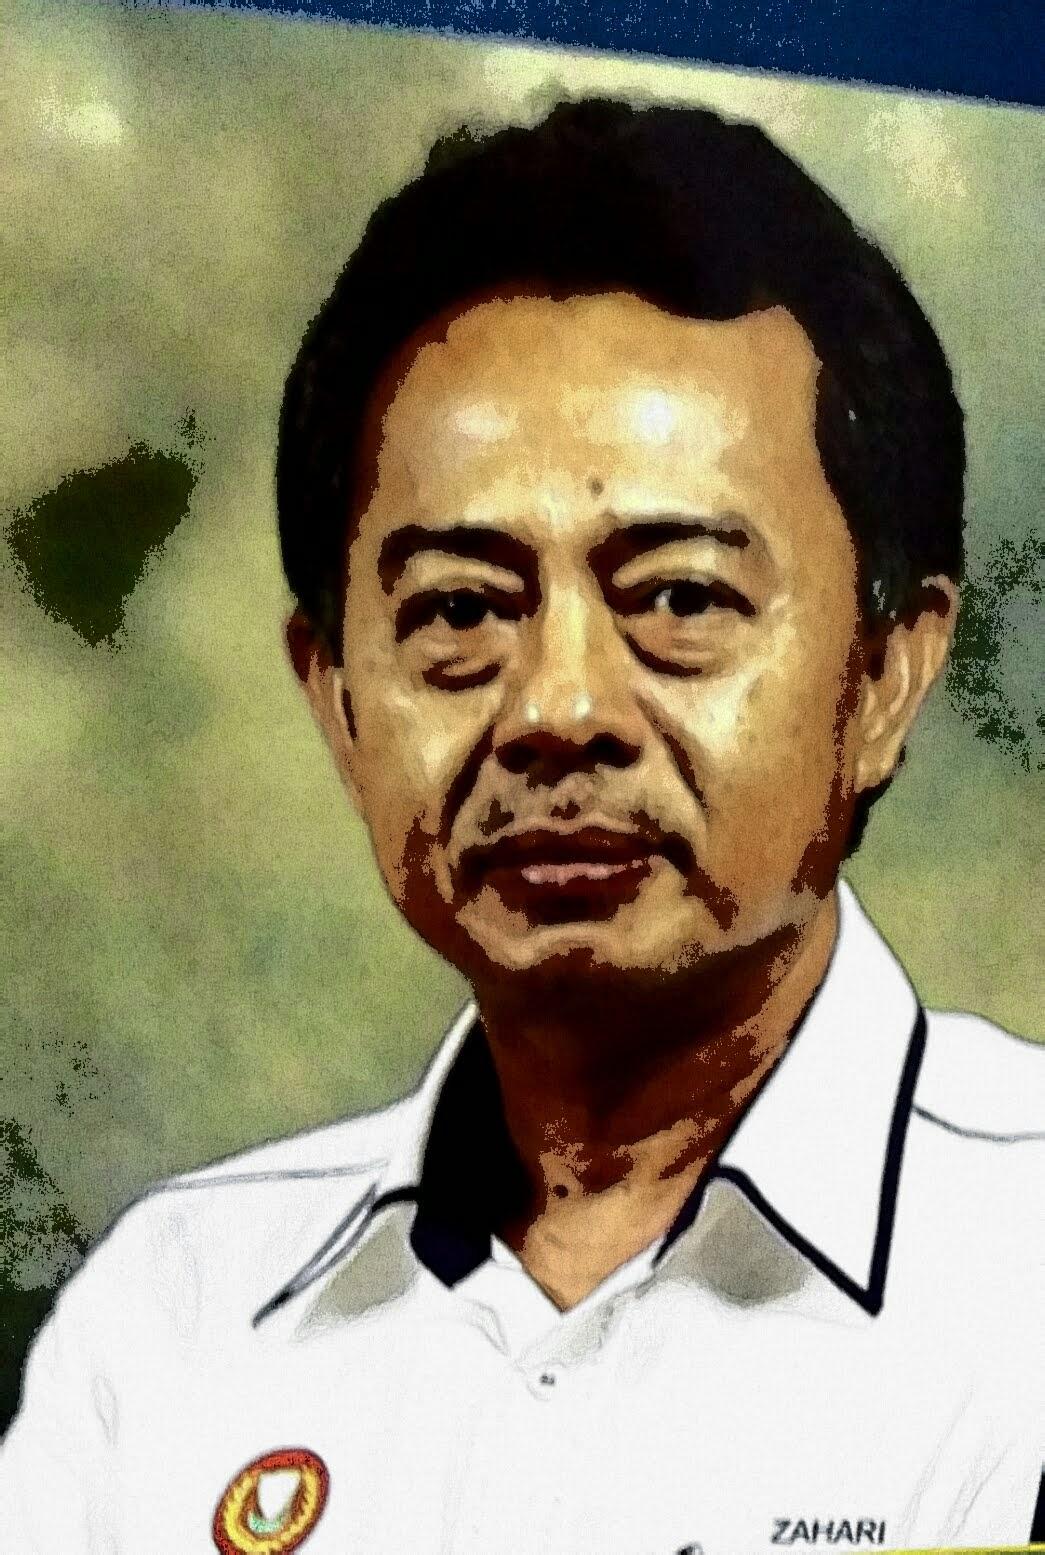 Dato' Zahari b. Ismail